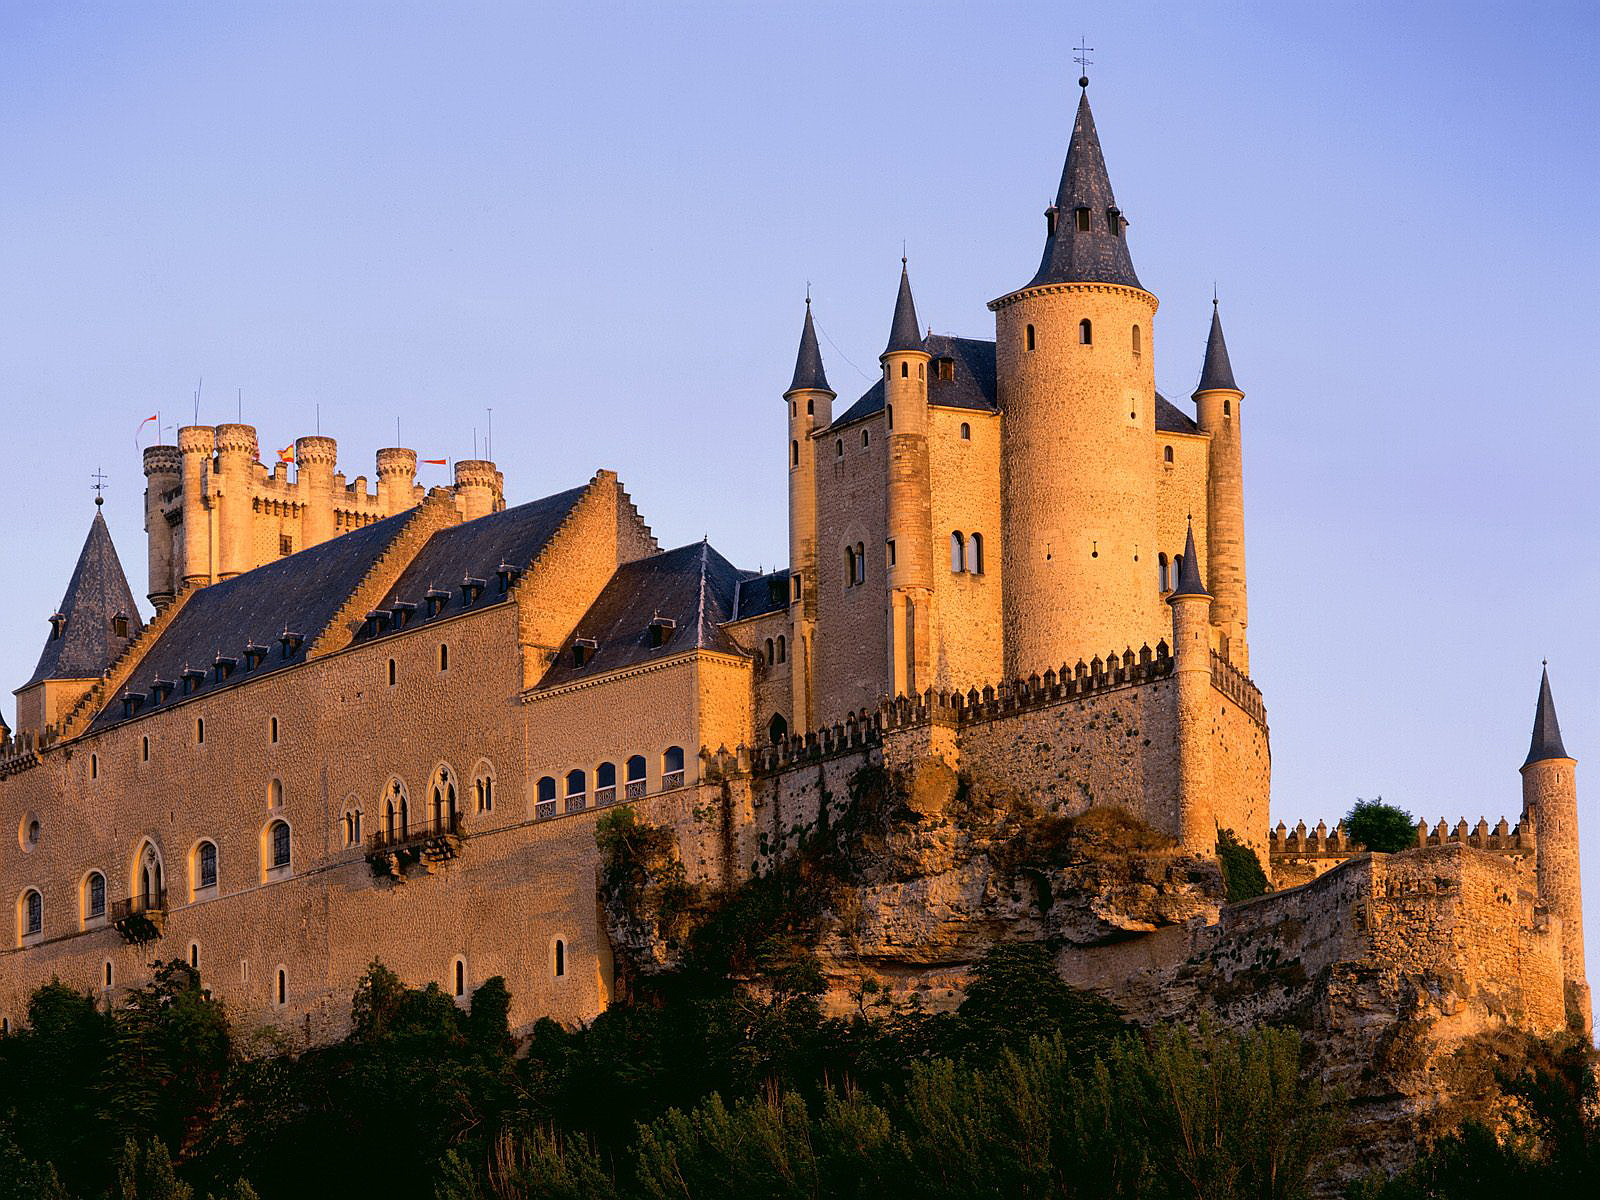 Reedición. El príncipe Segismundo y el castillo menguante. Una